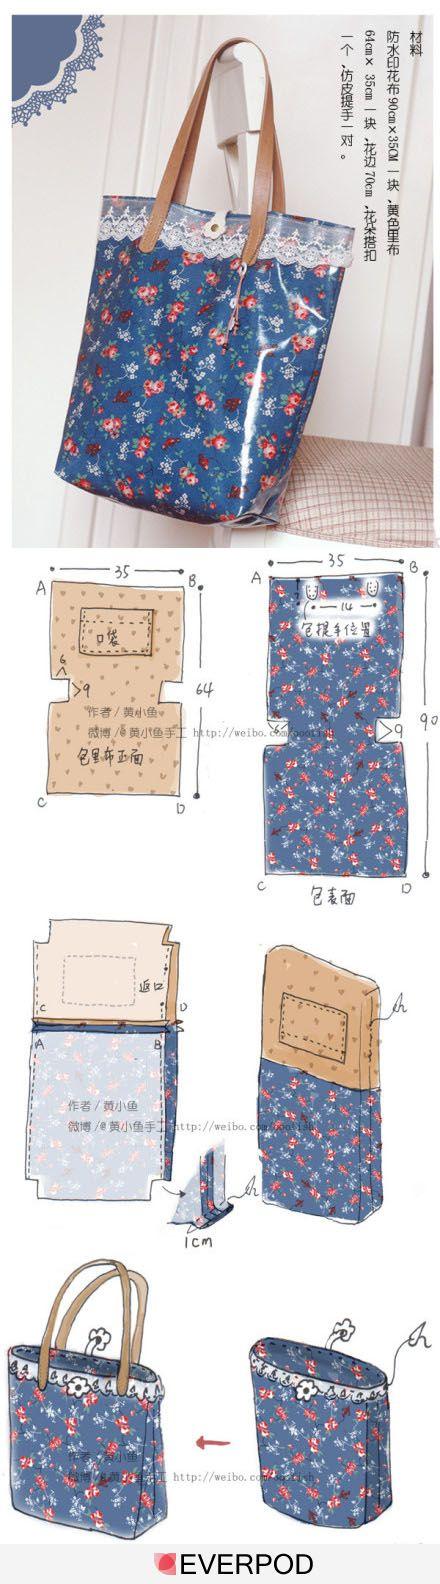 Tasche Mit Breiten Boden Nahen Sewing Diy Bags Und Diy Handbag